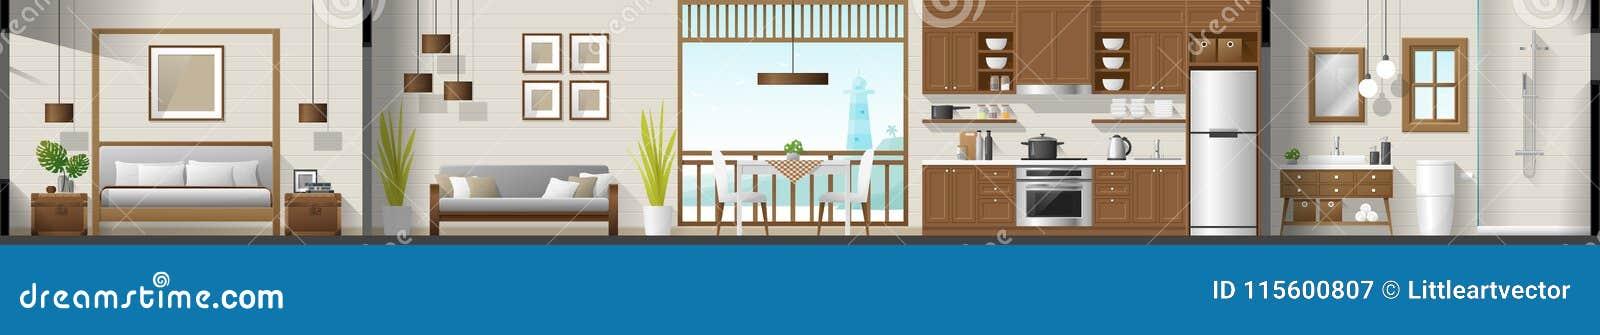 安置内部部分全景包括卧室、客厅、餐厅、厨房和卫生间